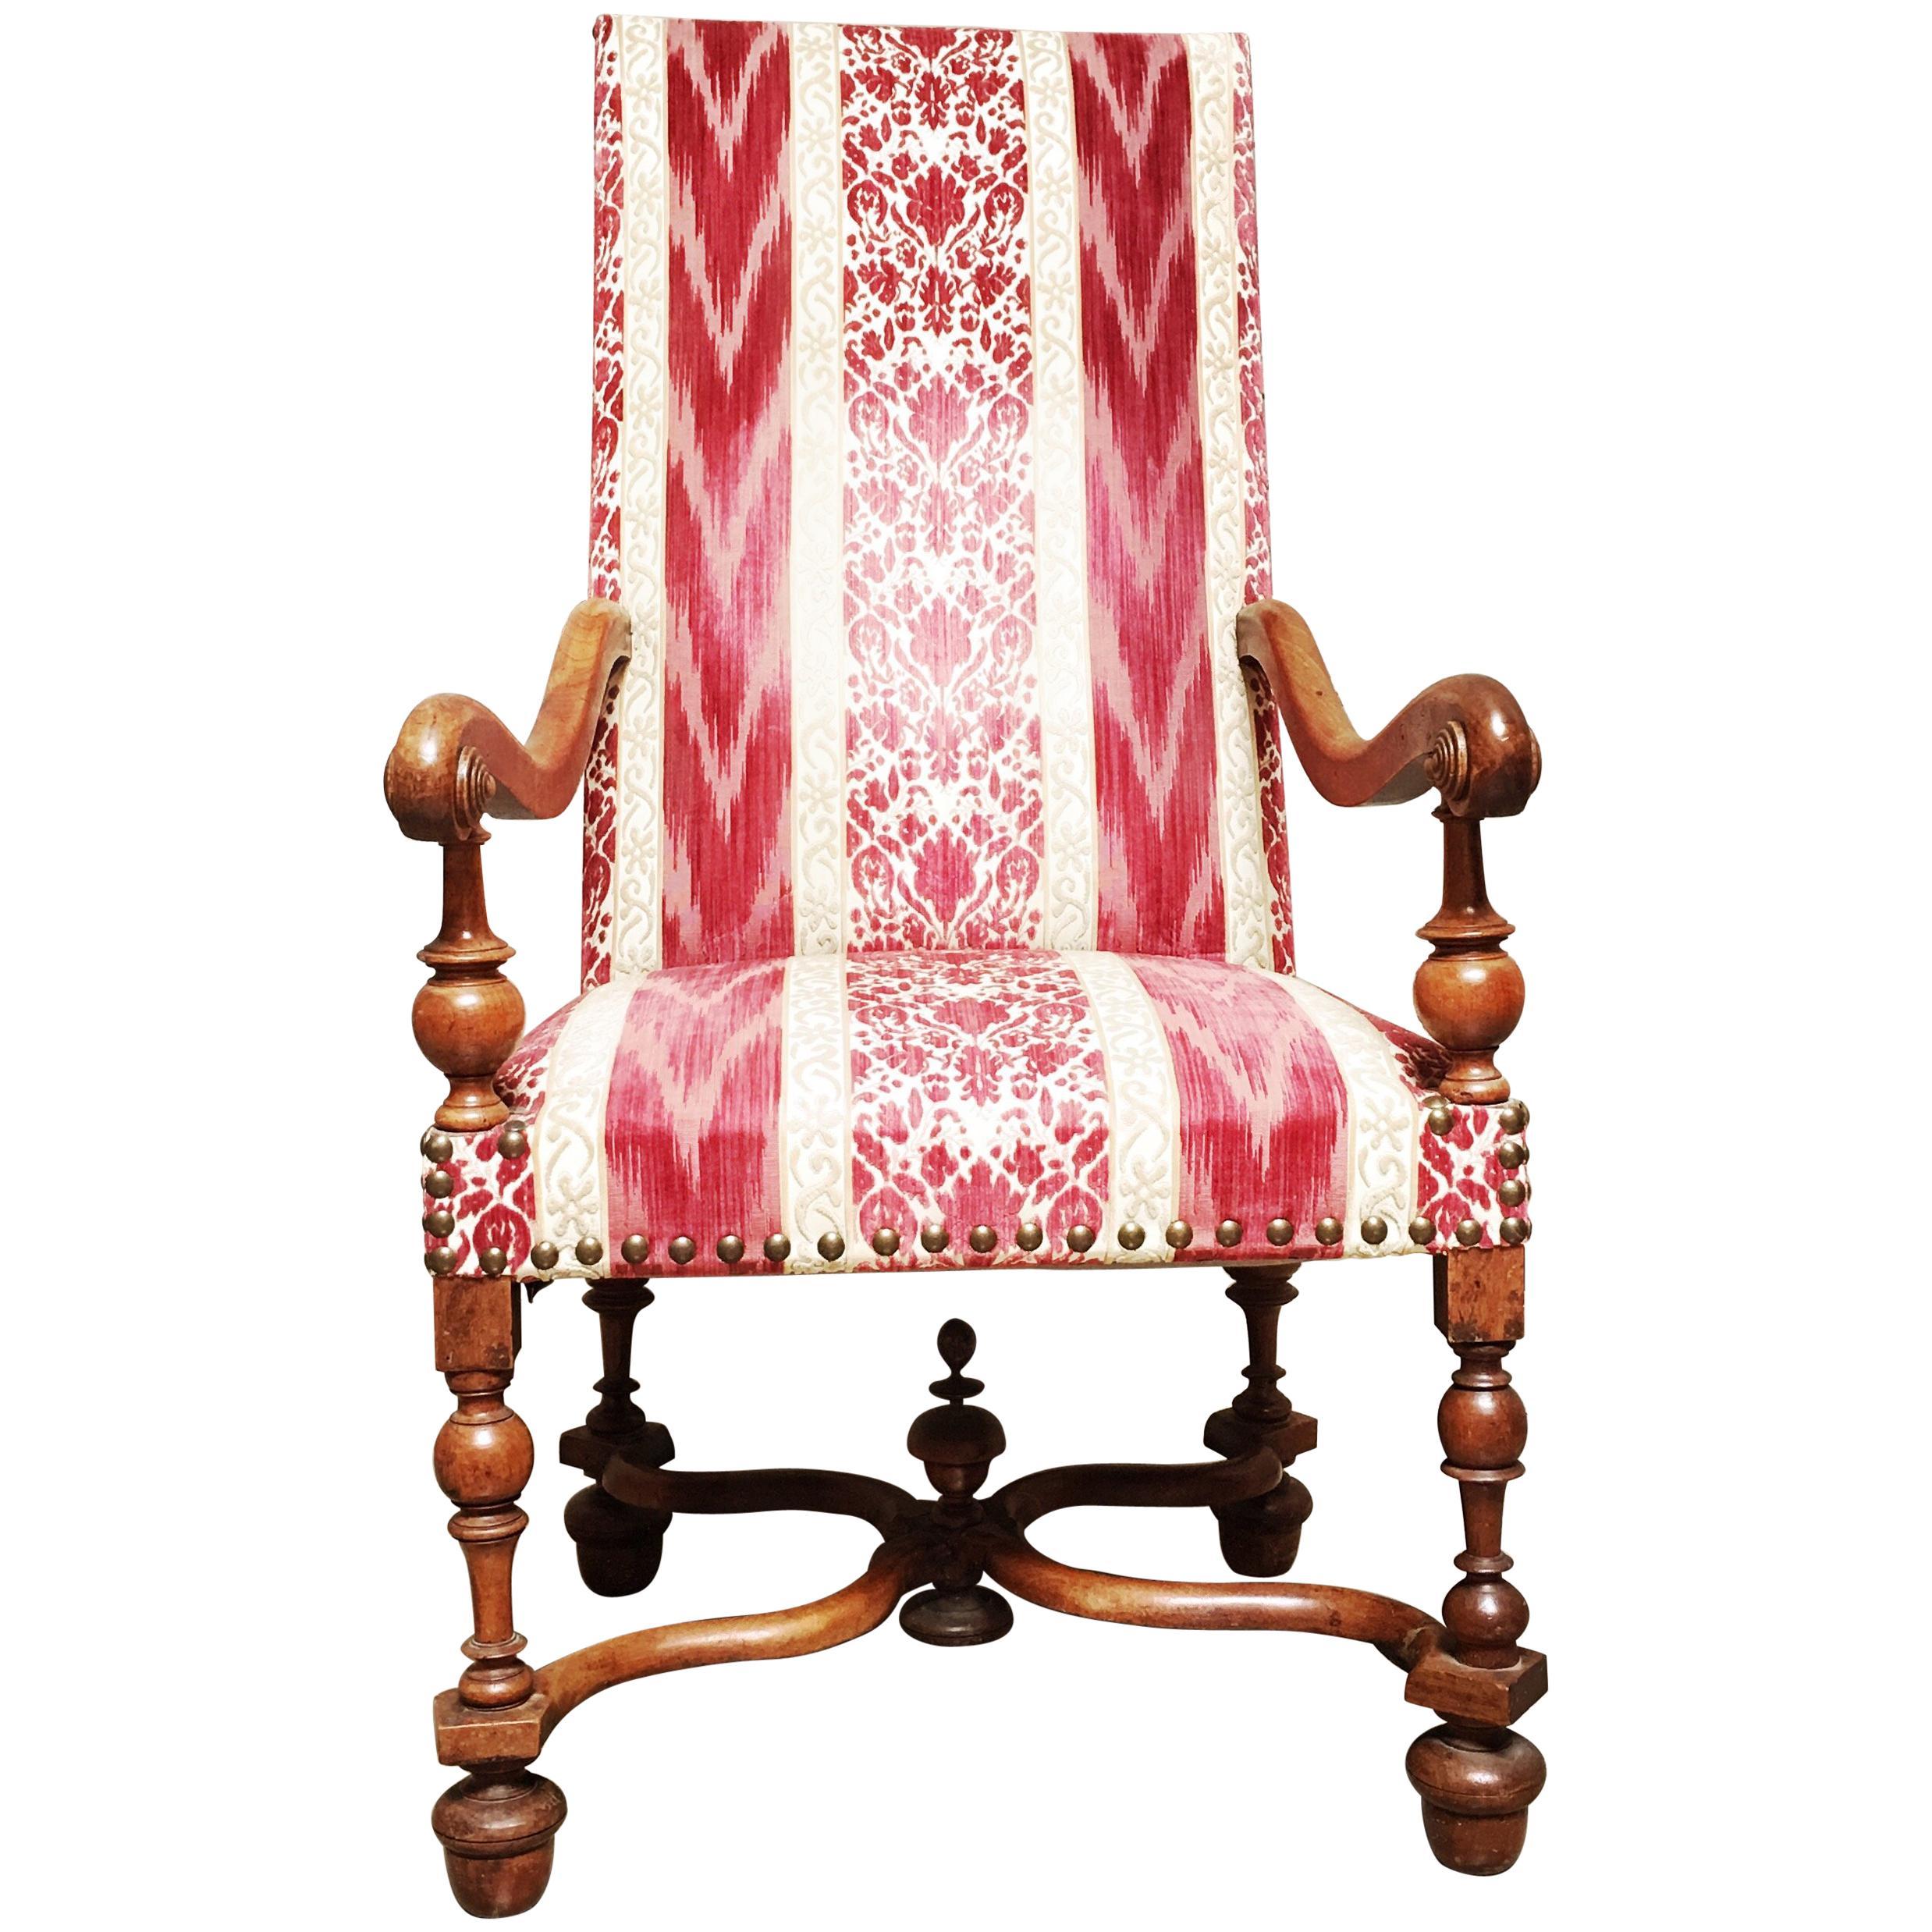 Swiss Walnut Louis XIII Style Fauteuil